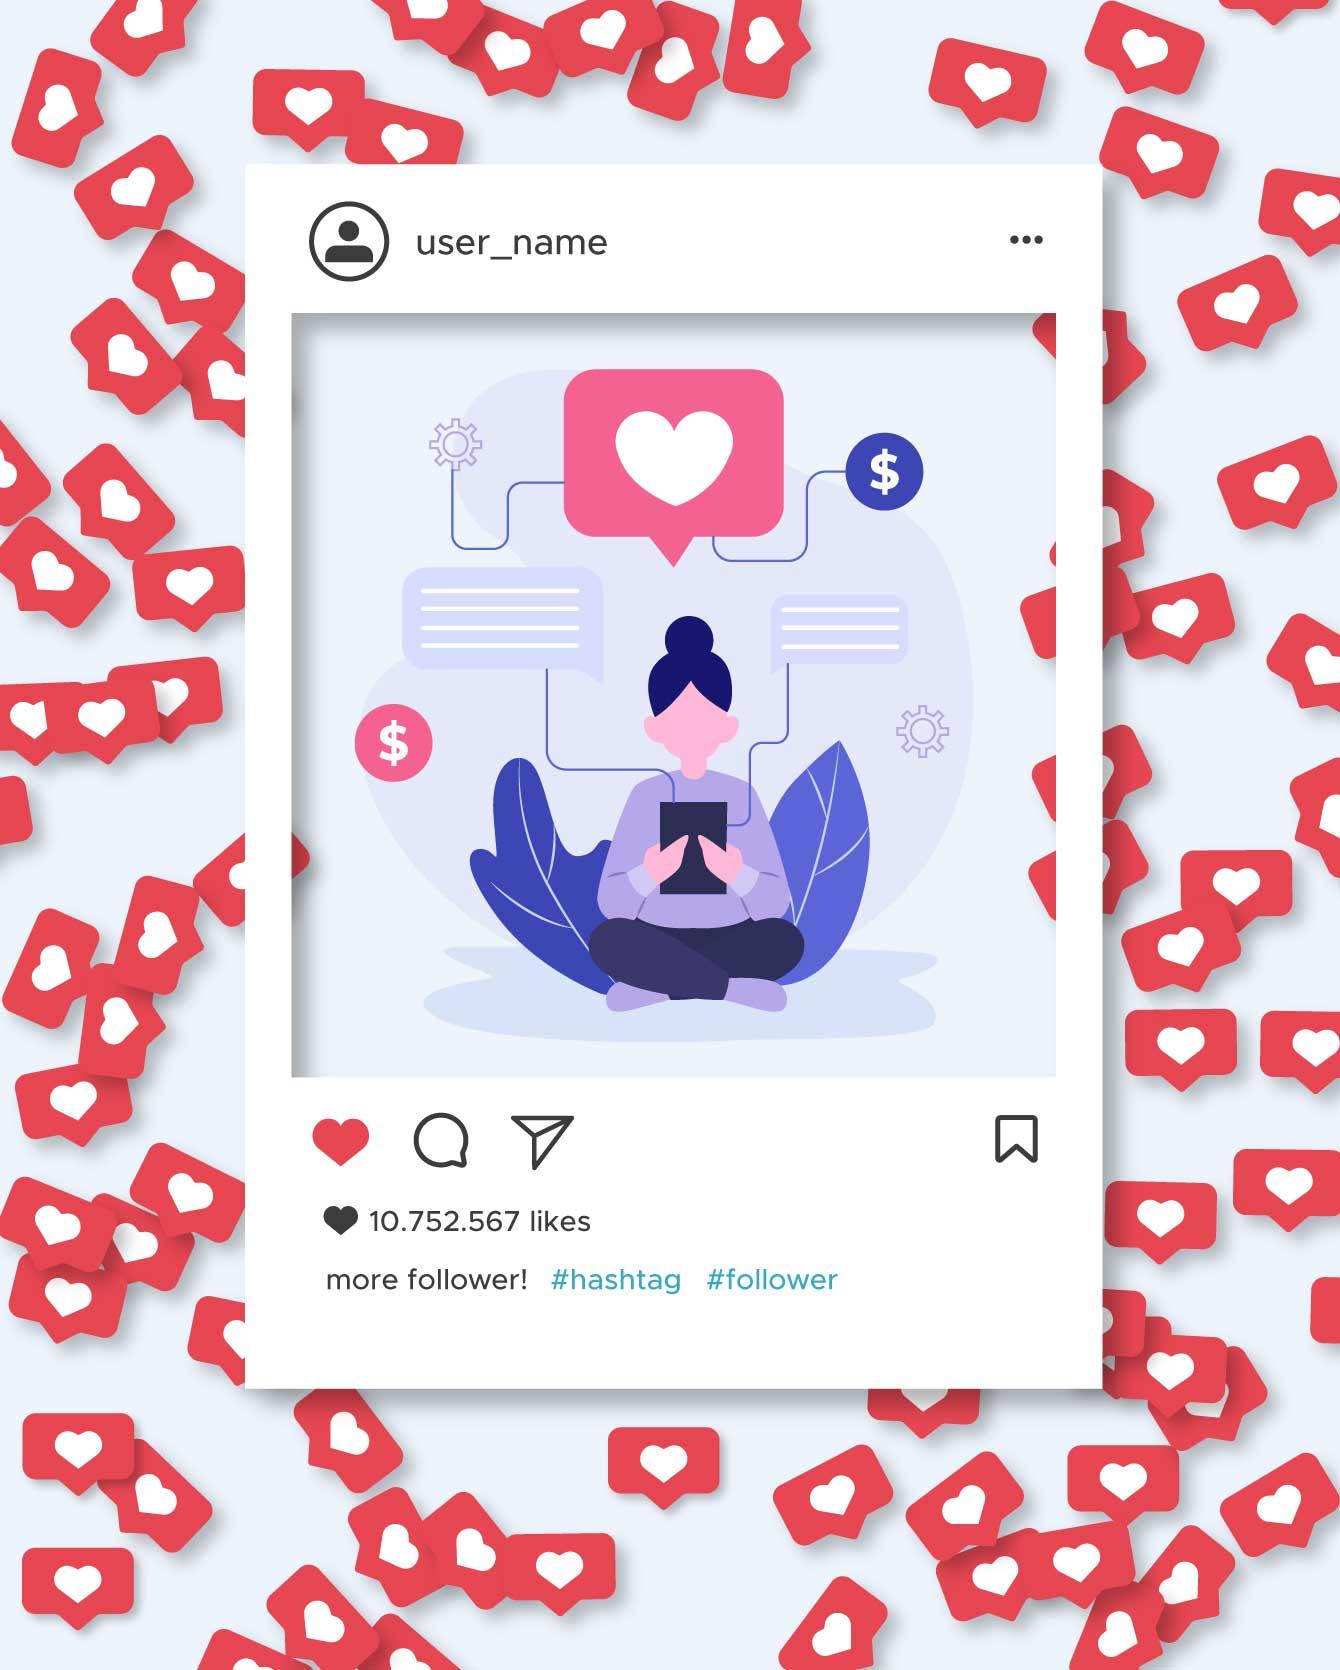 Più followers? Chiedi all'algoritmo di Instagram